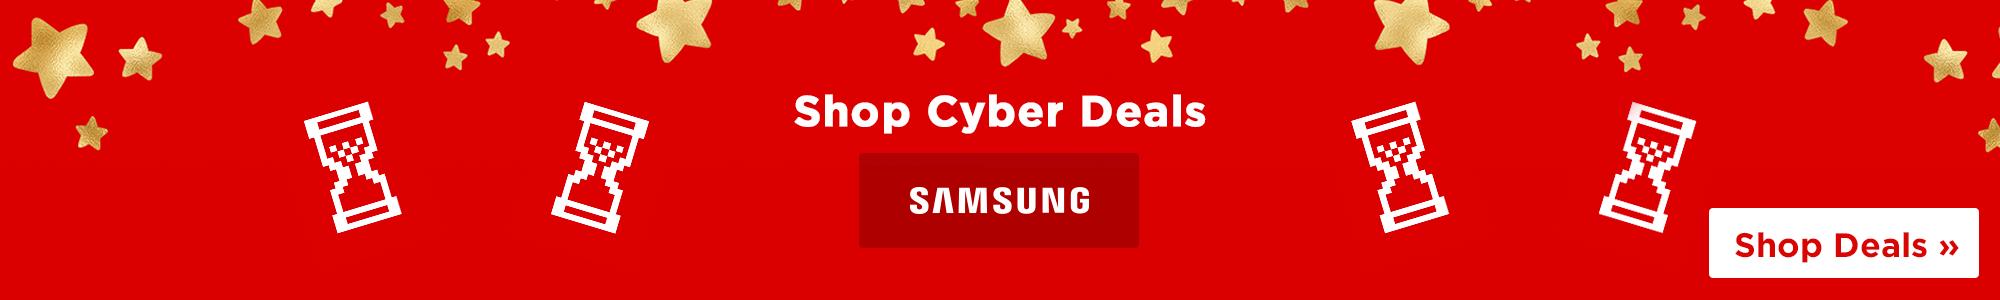 Shop Cyber Memory Monday Deals